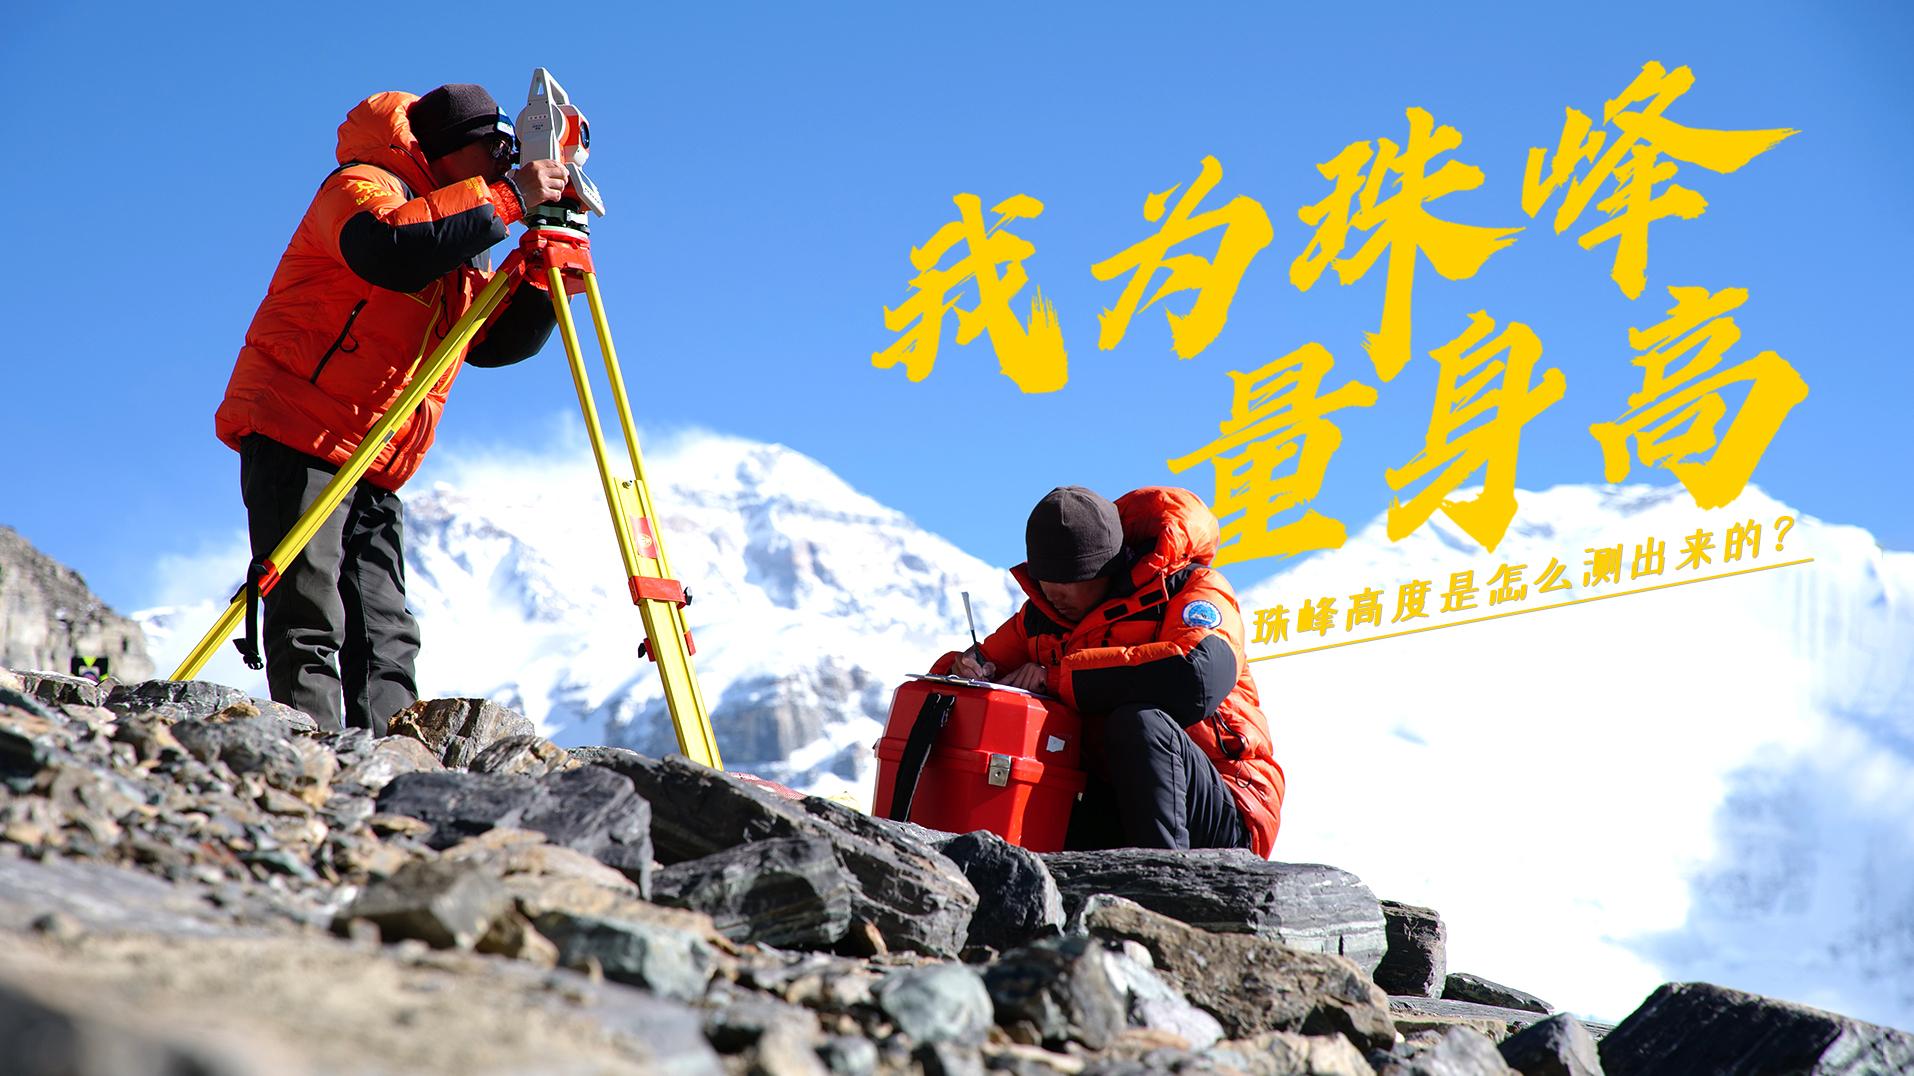 【冬呱】为珠峰量身高是怎样的一种体验?背后艰险鲜为人知